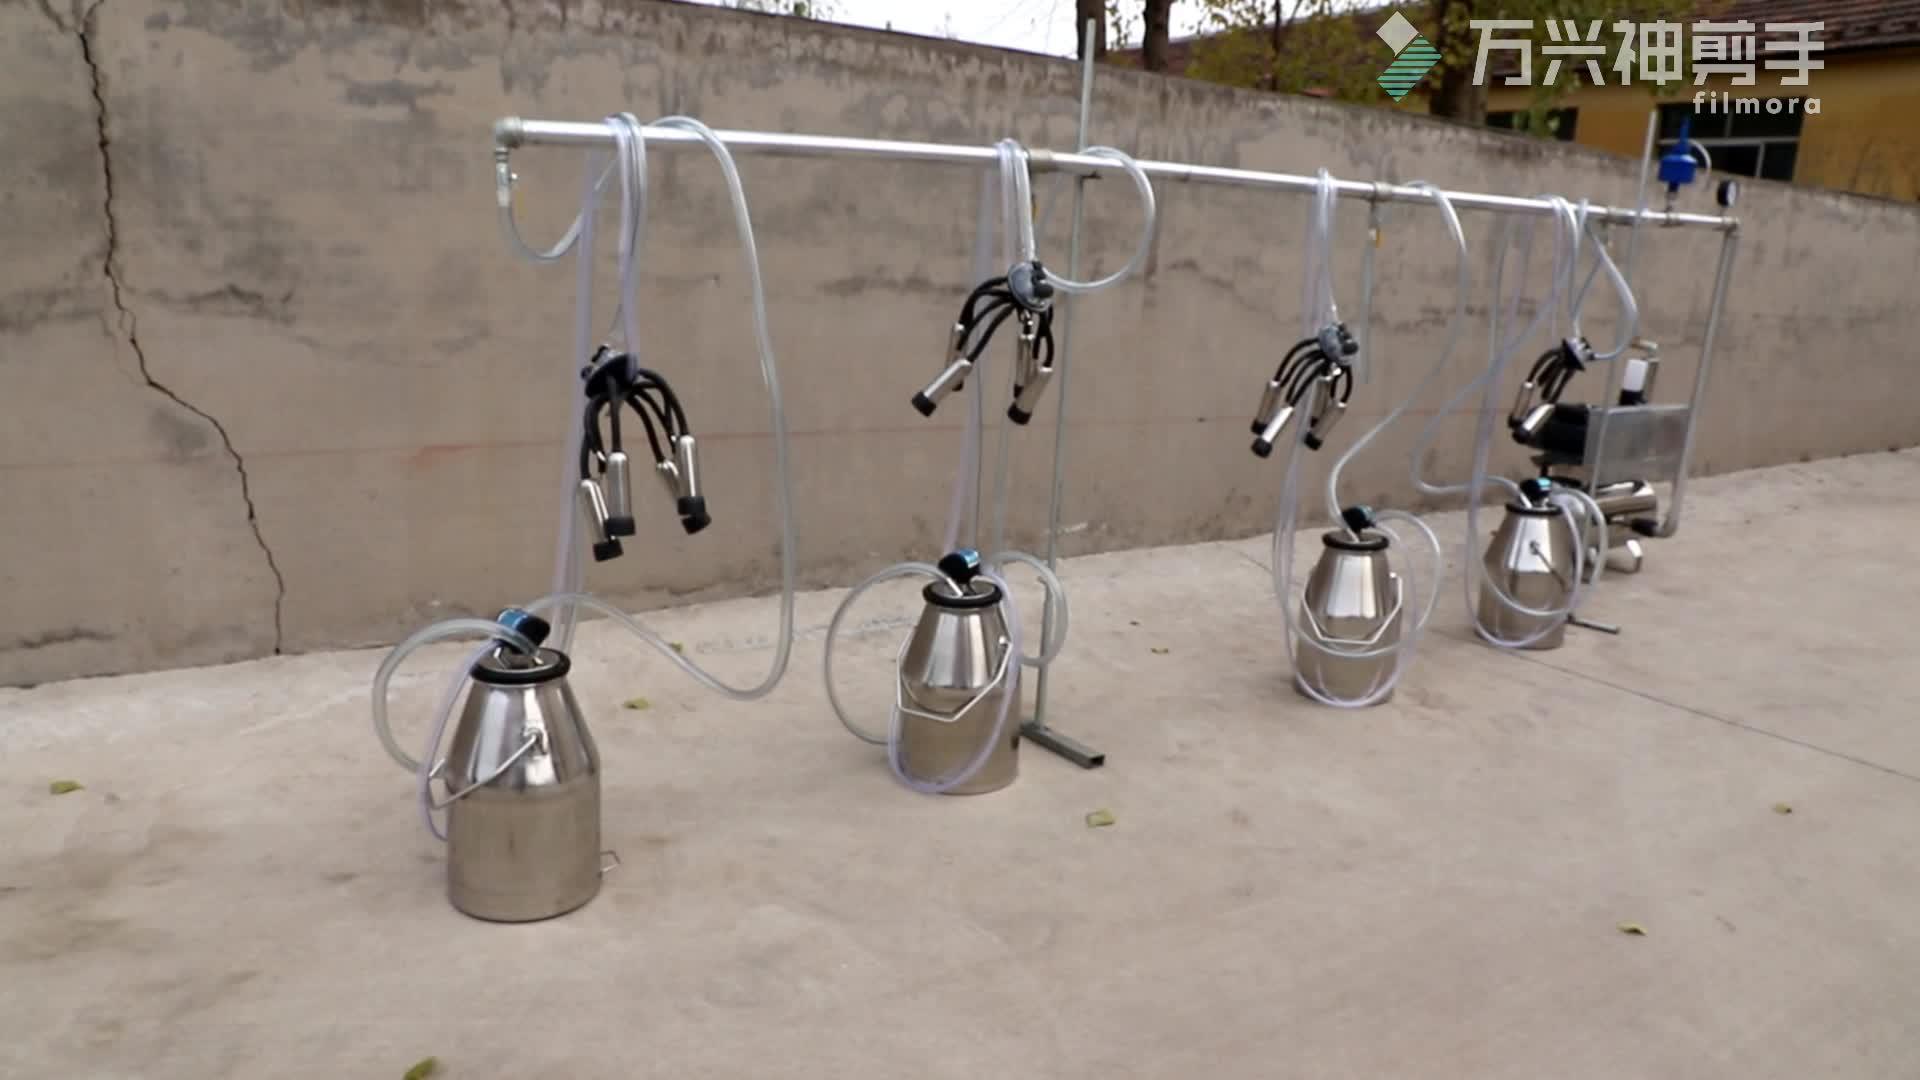 240CC दूध पंजा L80 Pulsator 4 बाल्टी तय प्रणाली पाइपलाइन दूध देने की मशीन